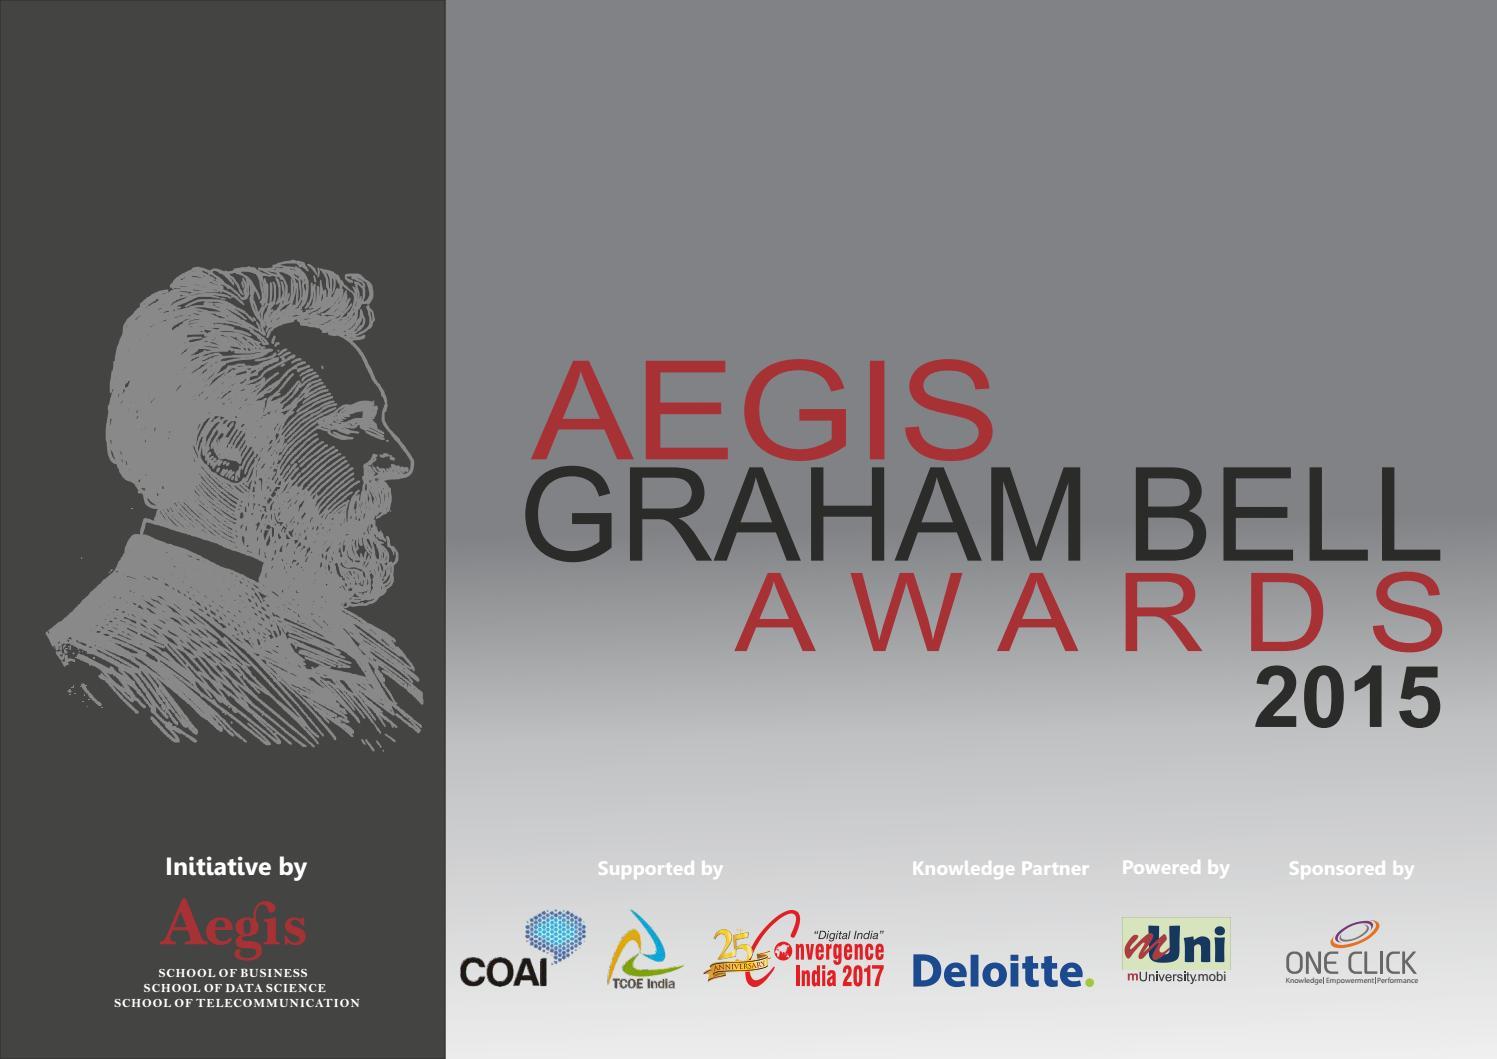 Aegis graham bell awards by Aegis Graham Bell Awards - Issuu